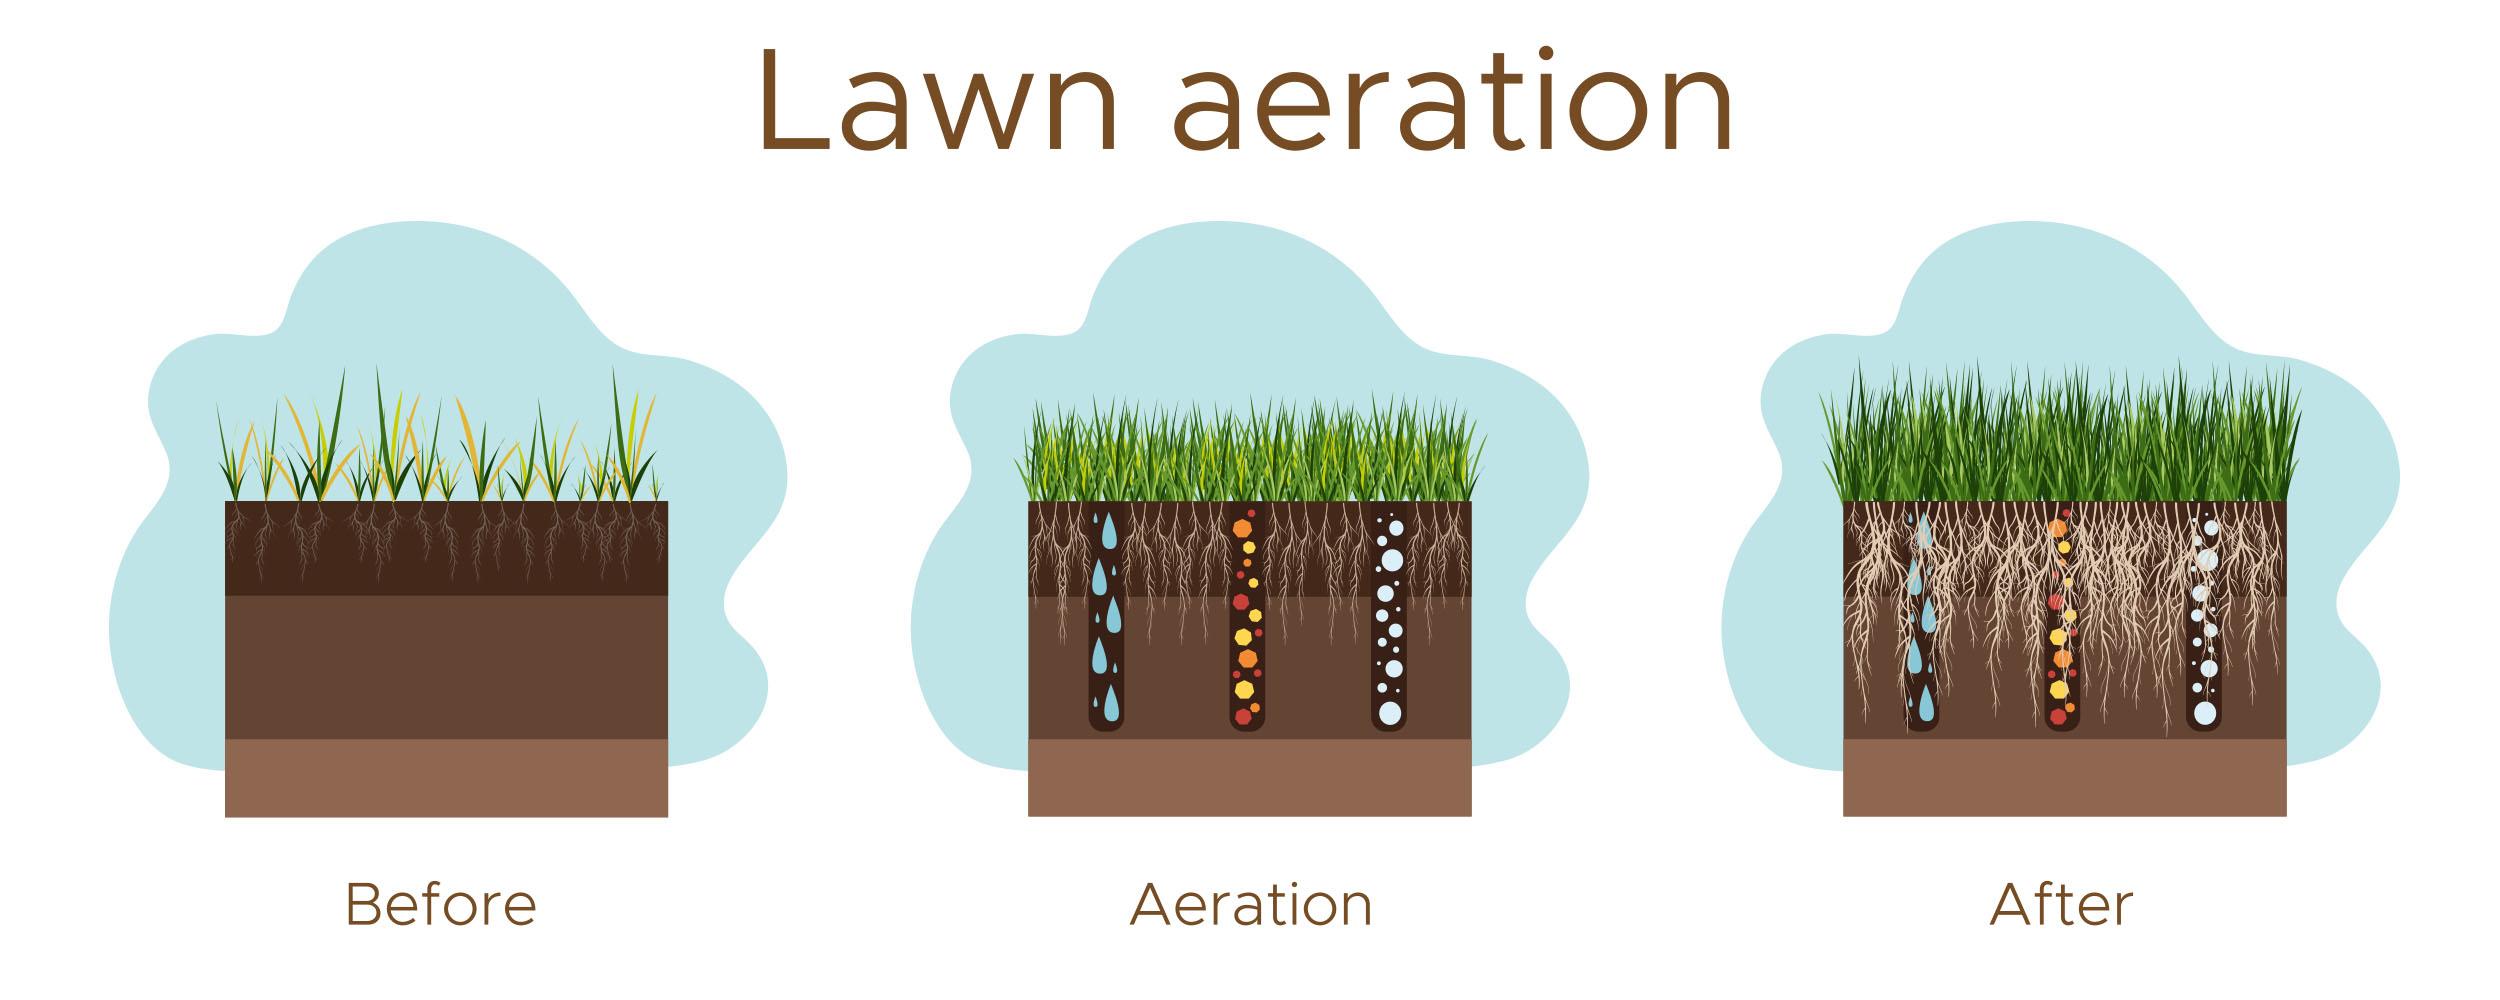 tulsa oklahoma lawn aeration service grass care lawn care aeration services tulsa broken arrow bixby jenks ok oklahoma